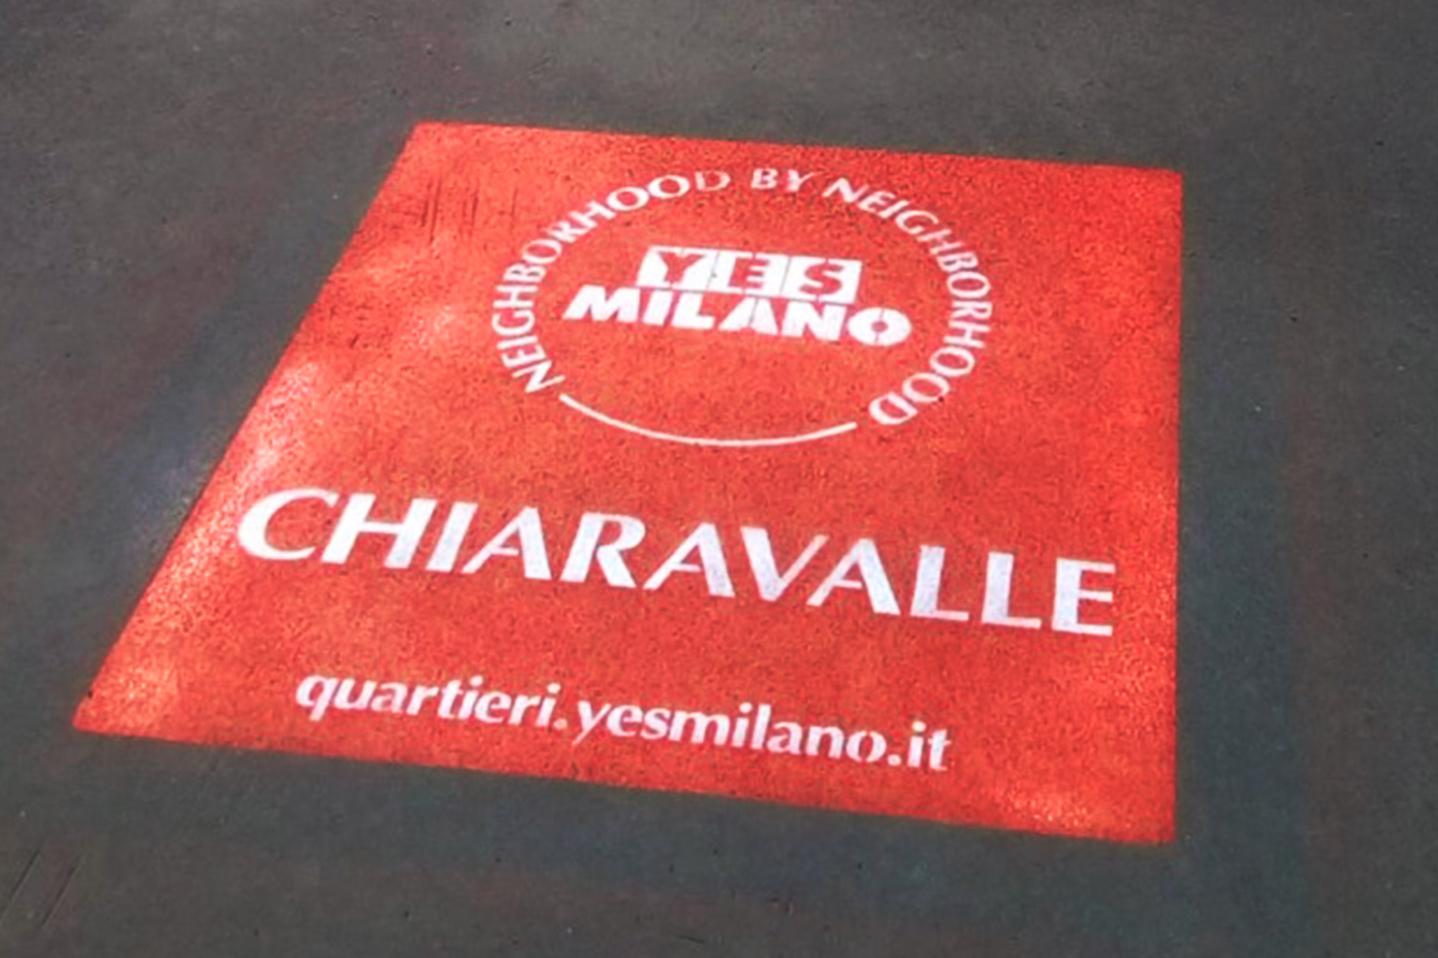 street marketing chiaravalle comune di milano